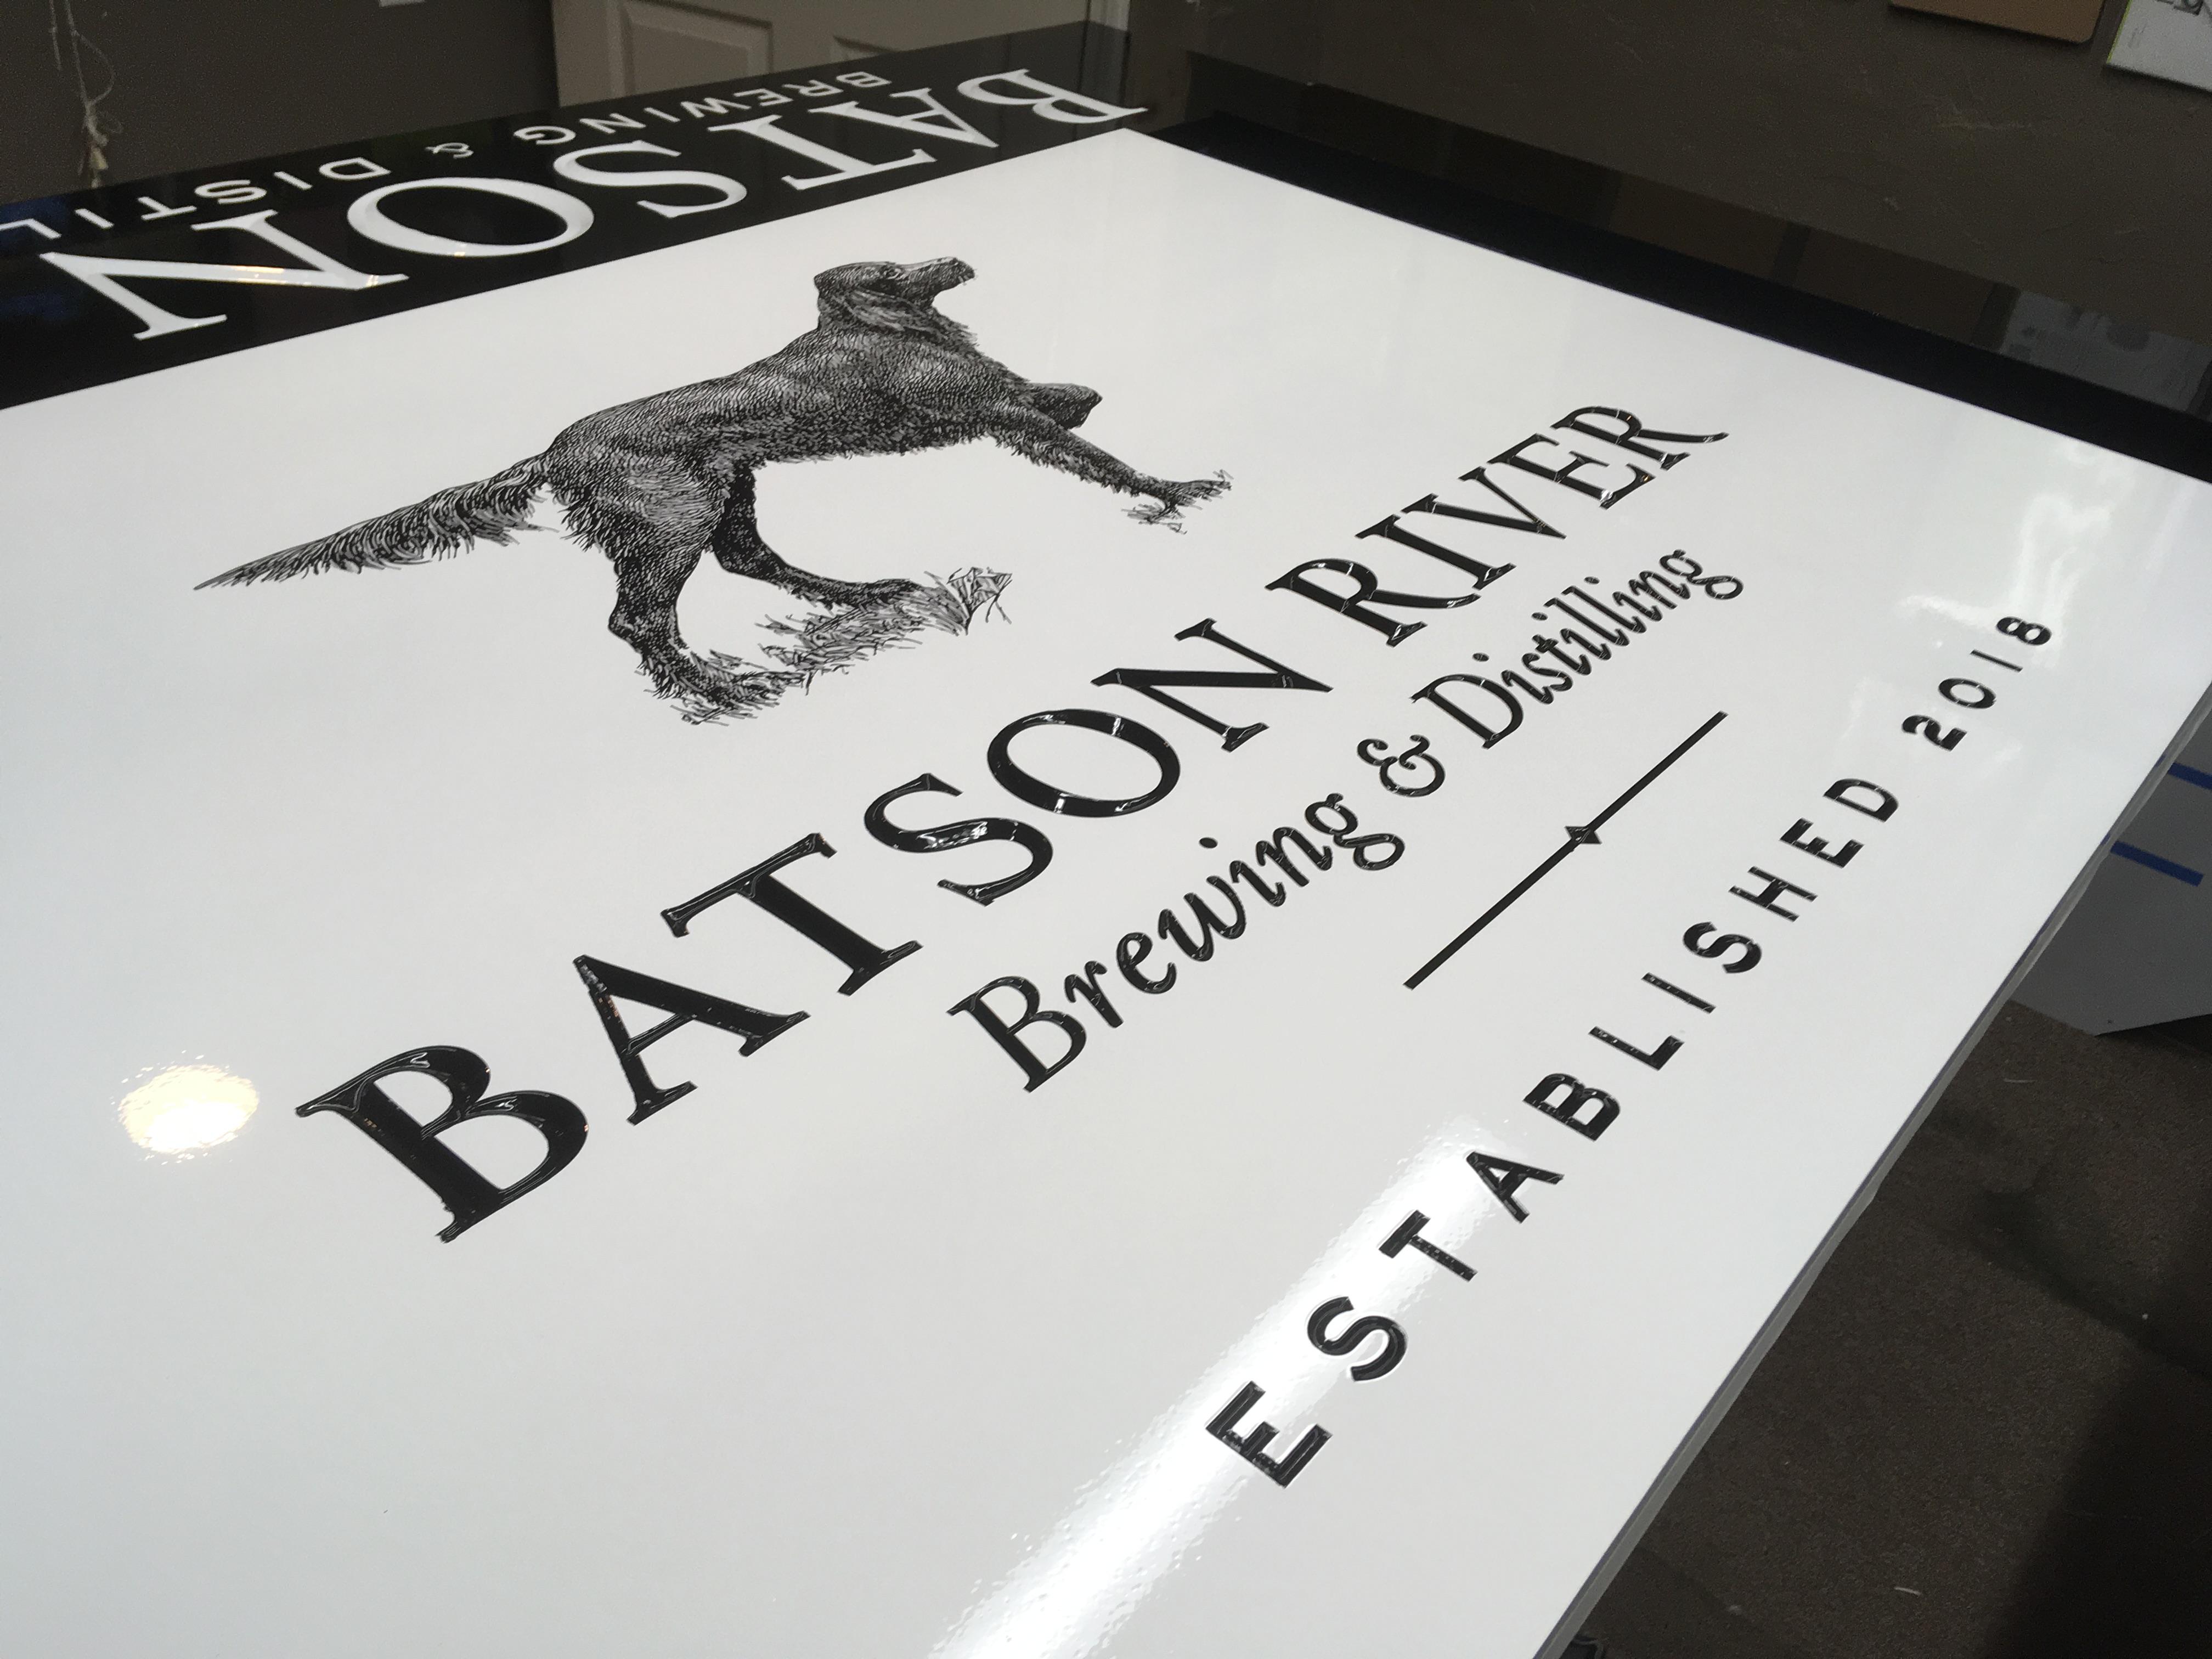 Baston River Brewing & Distilling